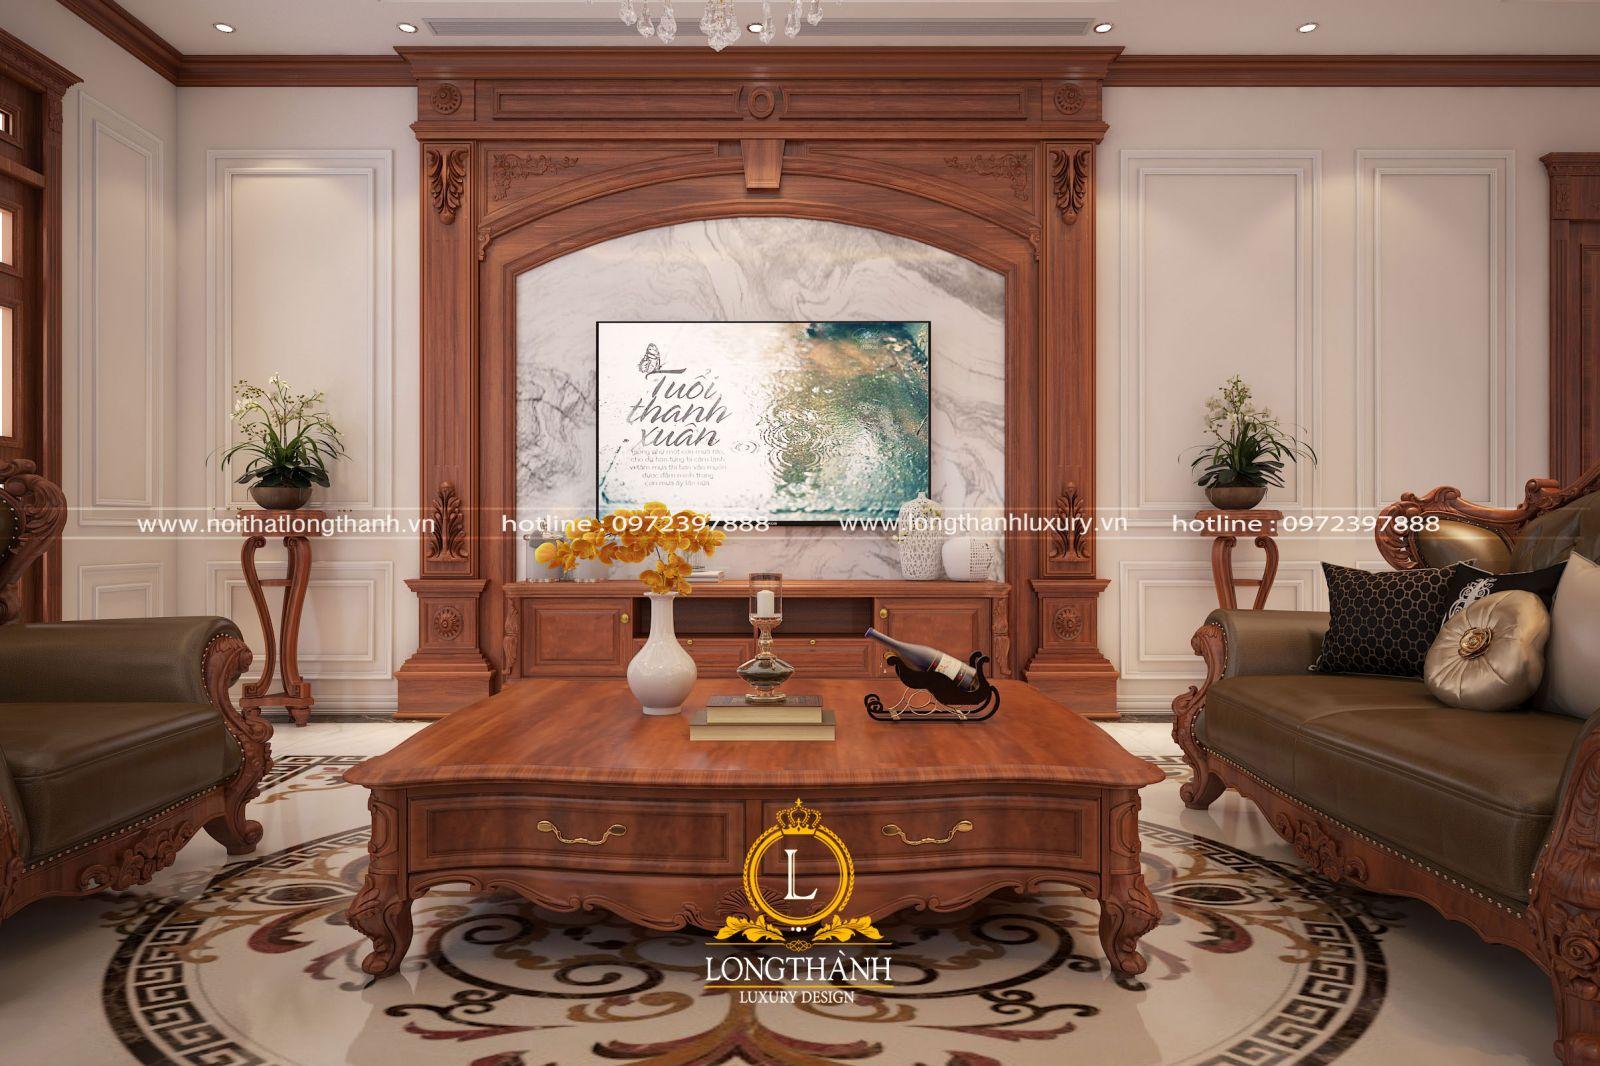 Mẫu nội thất phòng khách biệt thự đẹp LT11